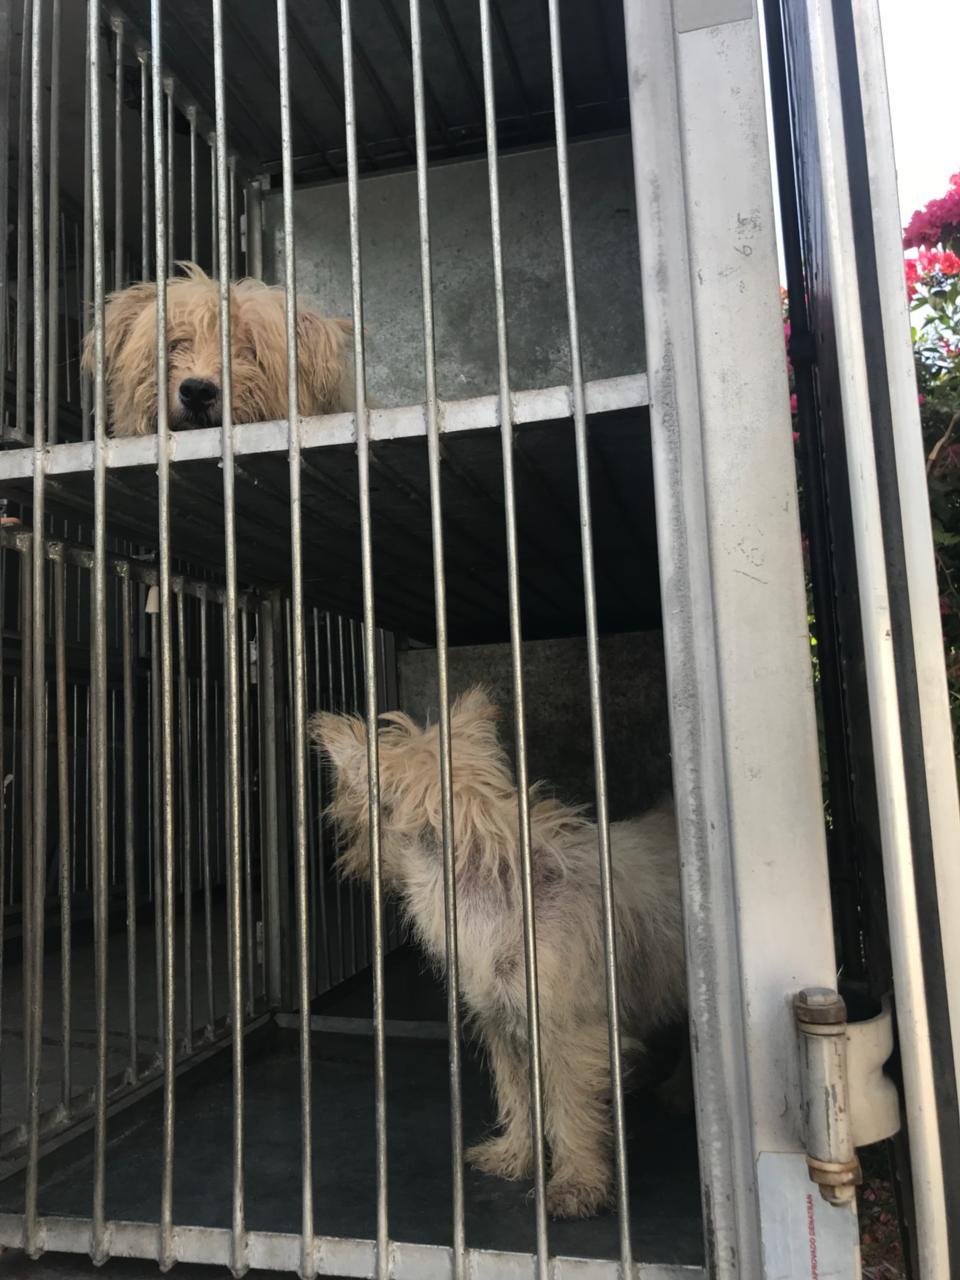 Cinco cães eram mantidos em condições insalubres - Kátia Chubaci/Divulgação